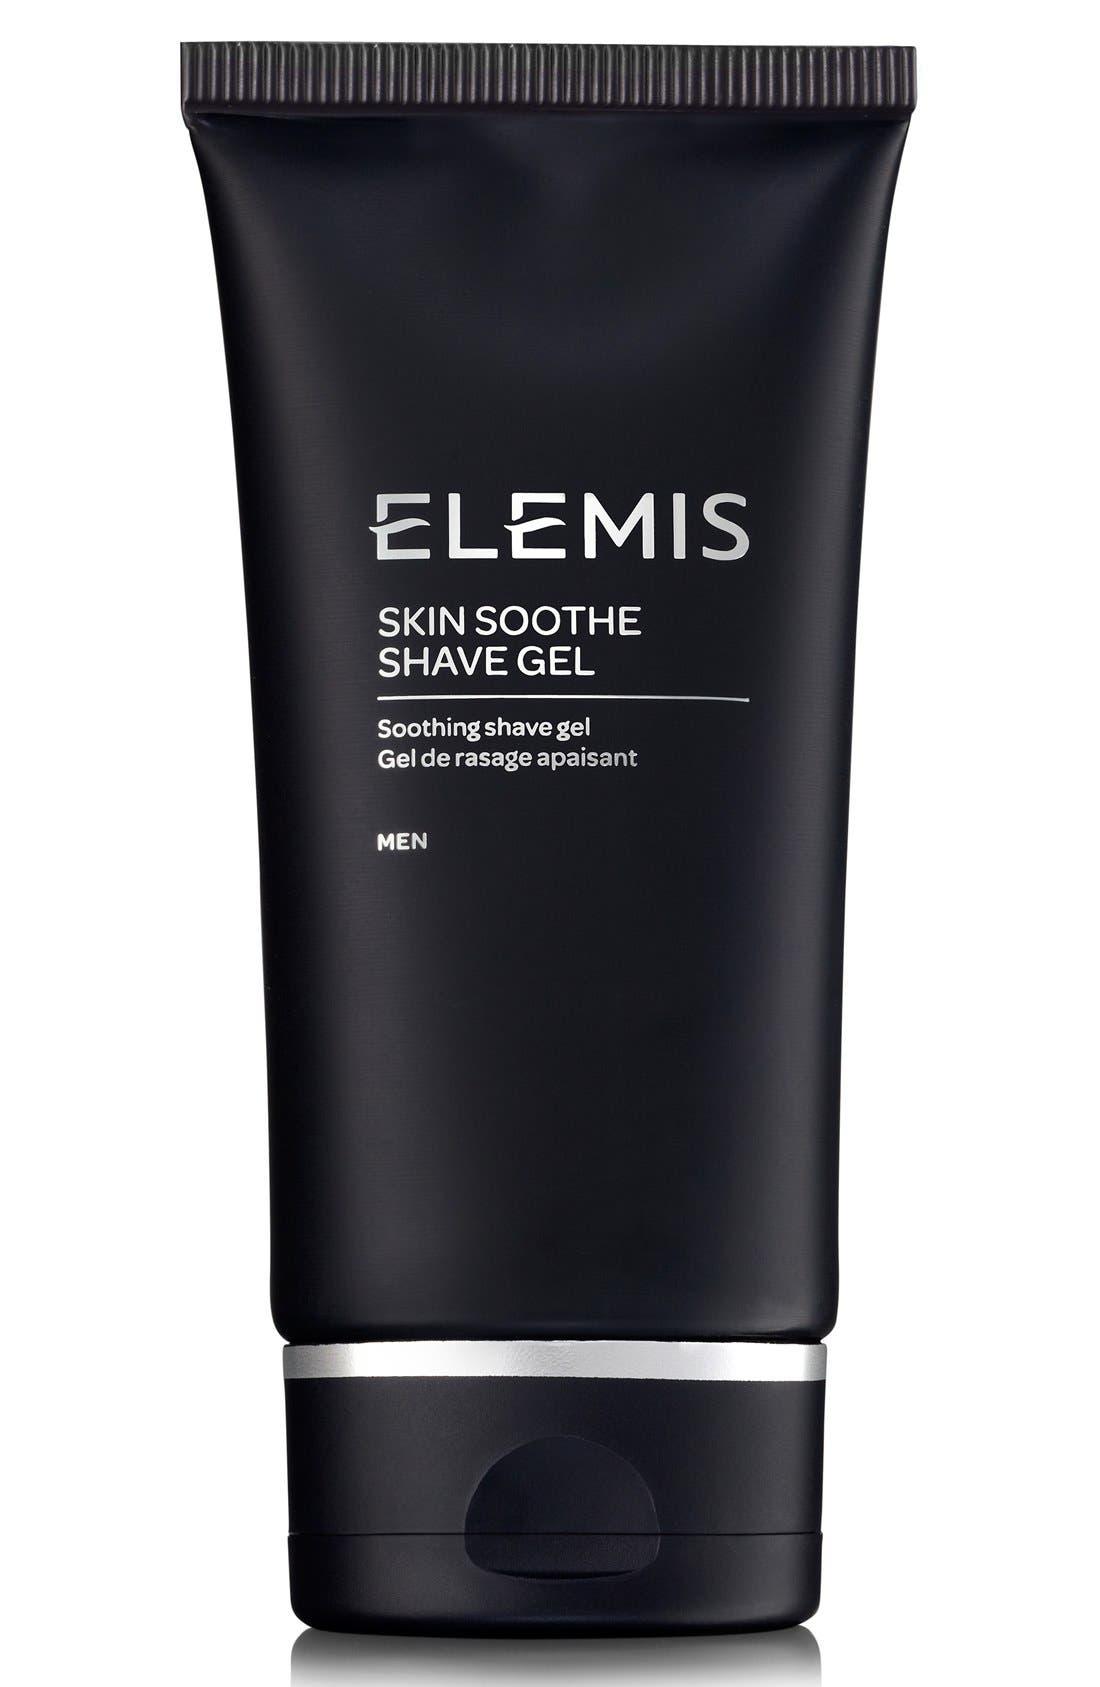 Elemis Skin Soothe Shave Gel